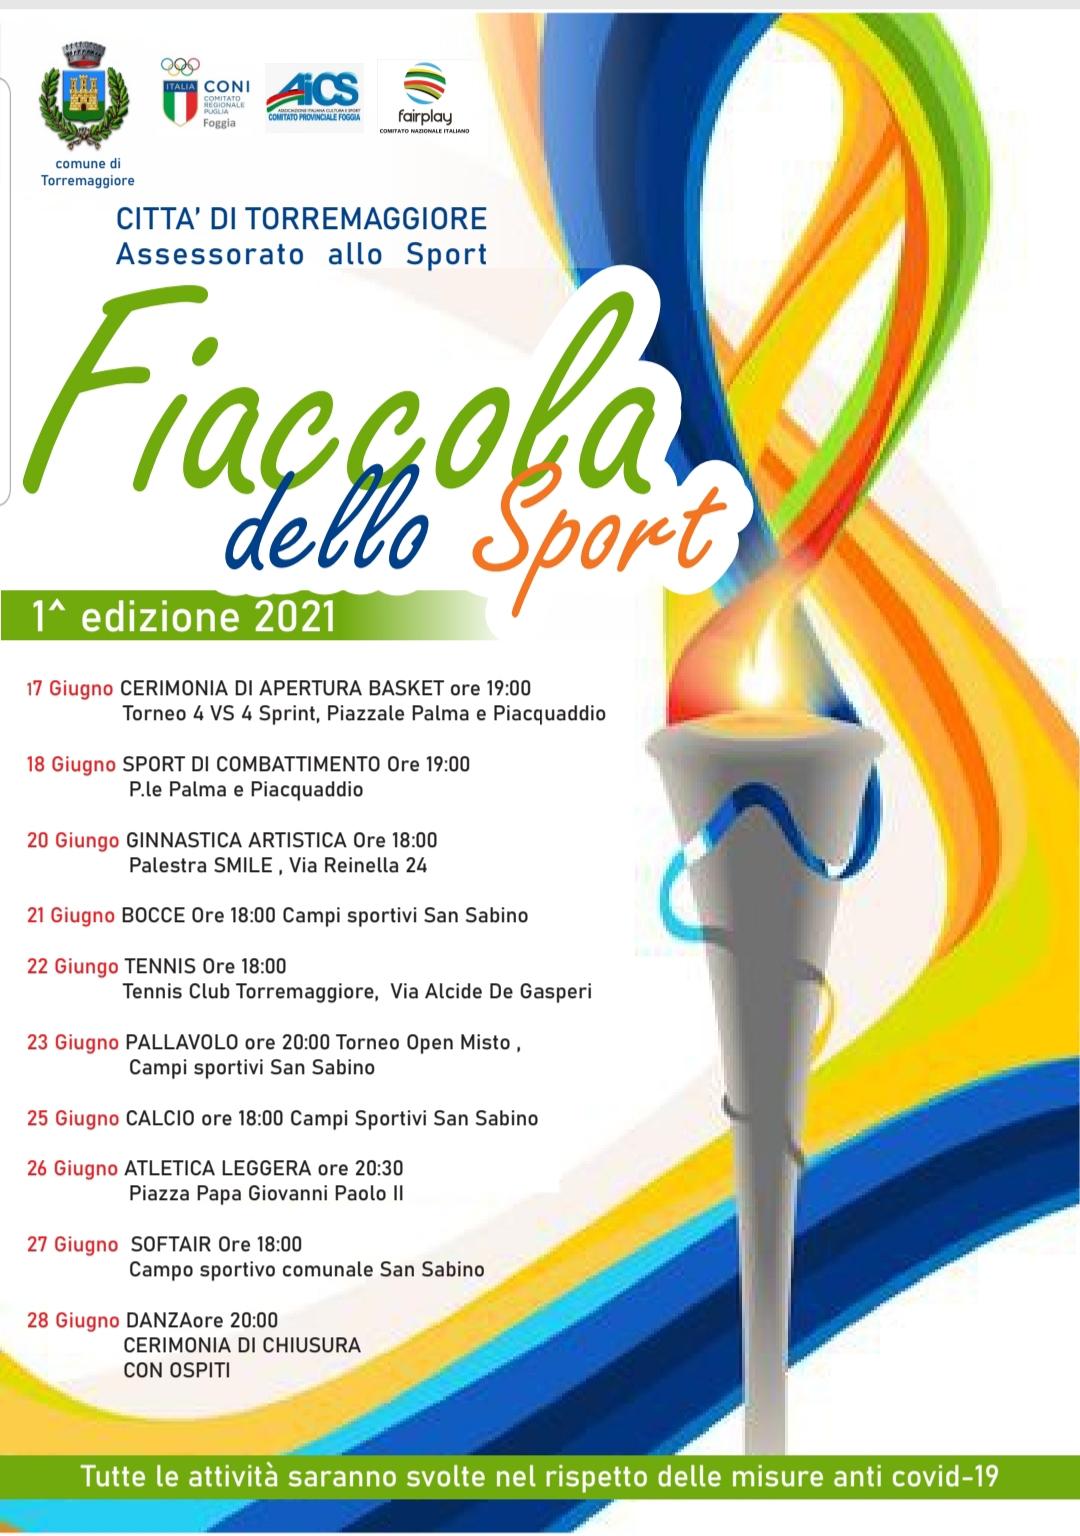 Prima edizione della Fiaccola dello Sport a Torremaggiore dal 17 al 28 giugno 2021